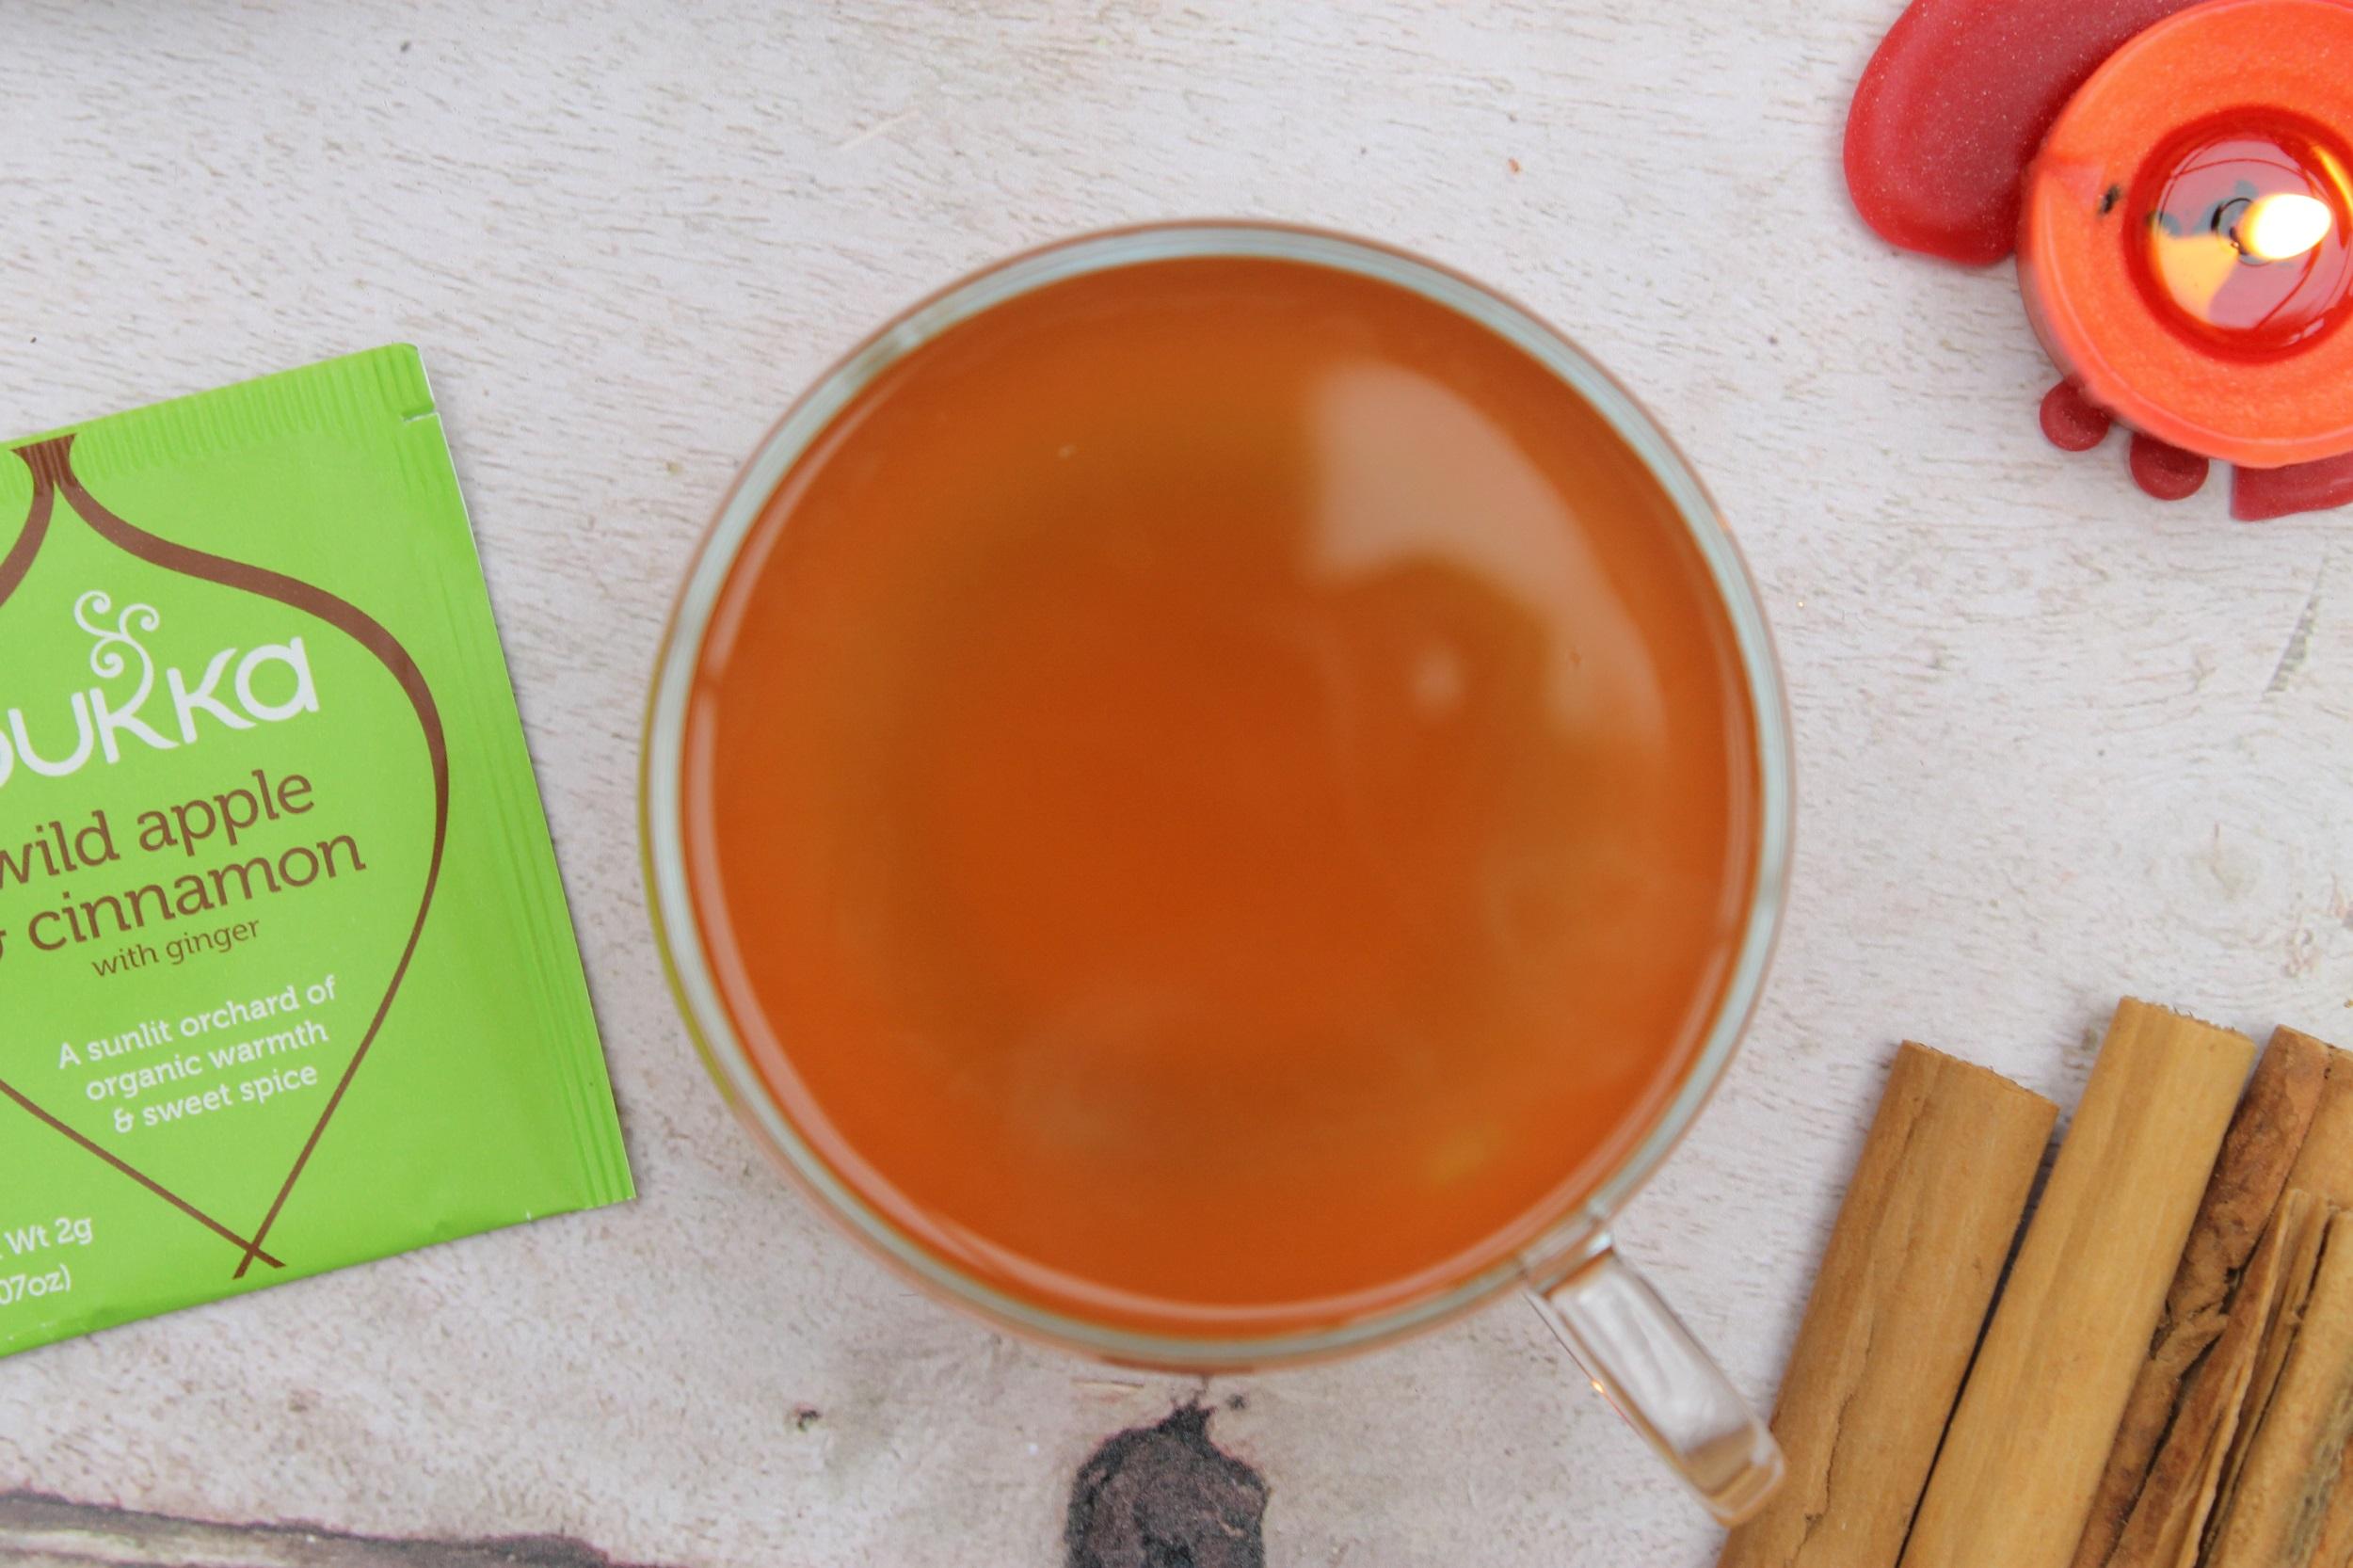 pukka wild apple cinnamon tea